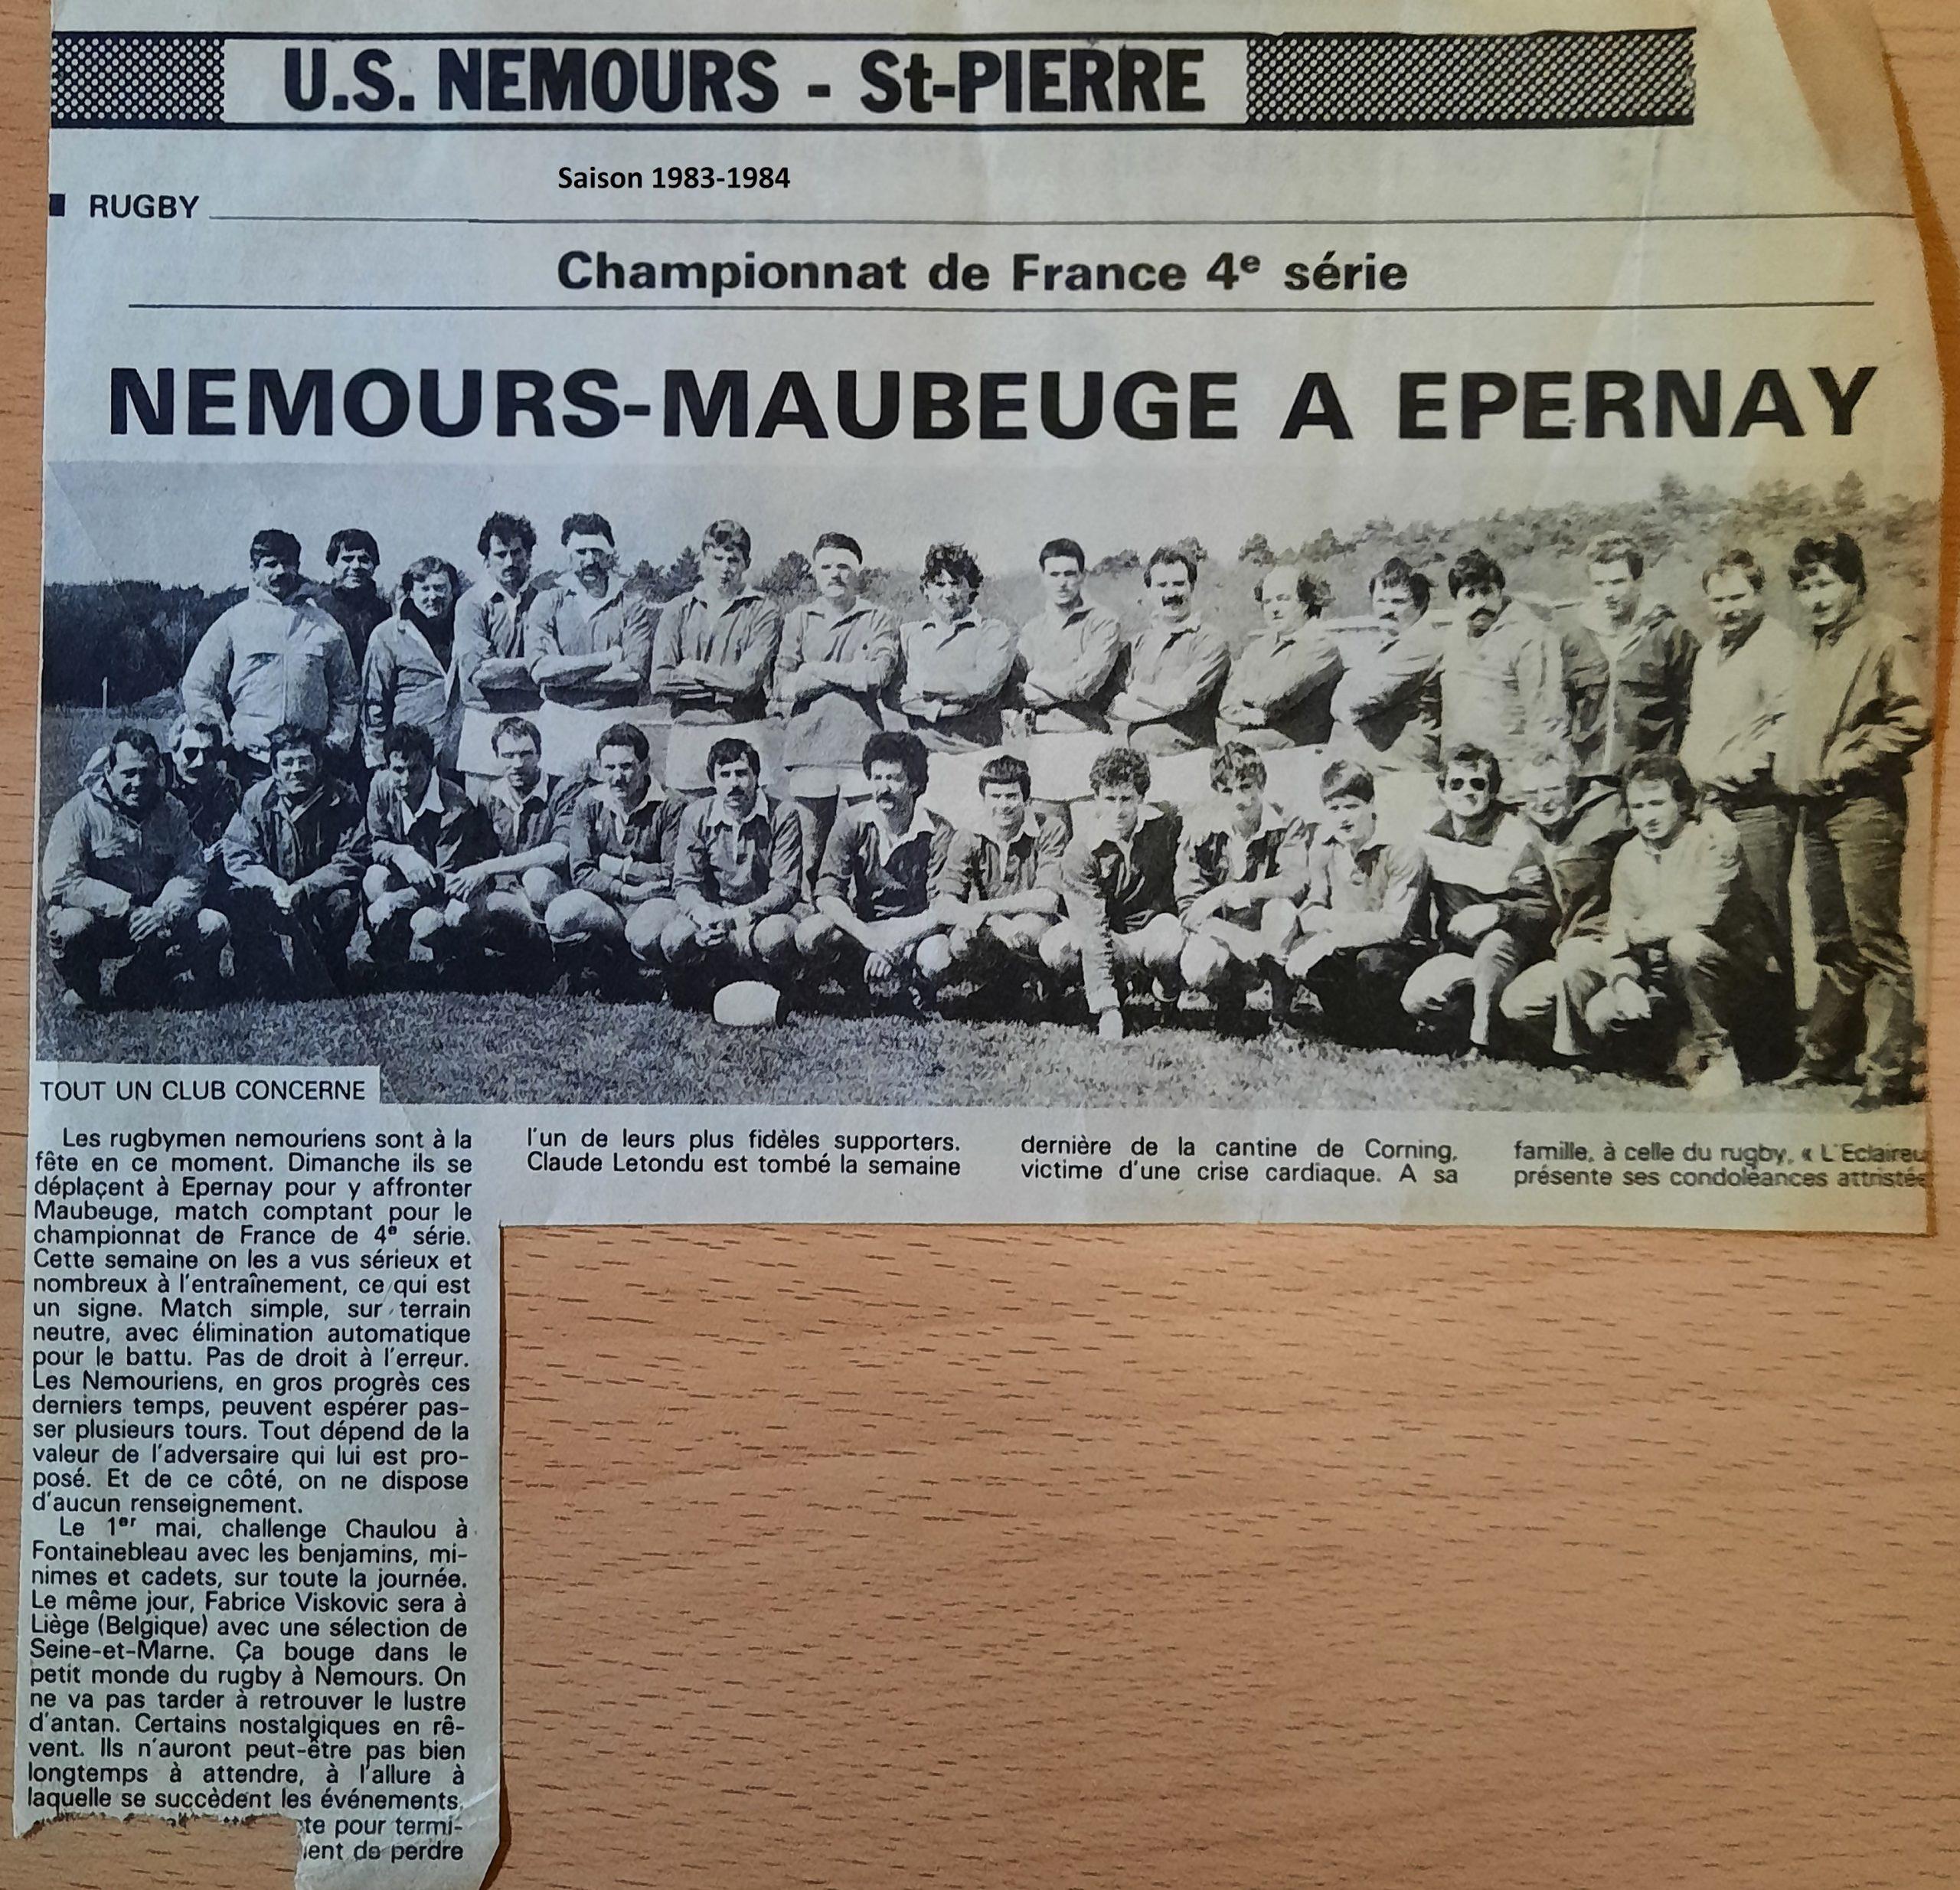 Saison 1983-1984